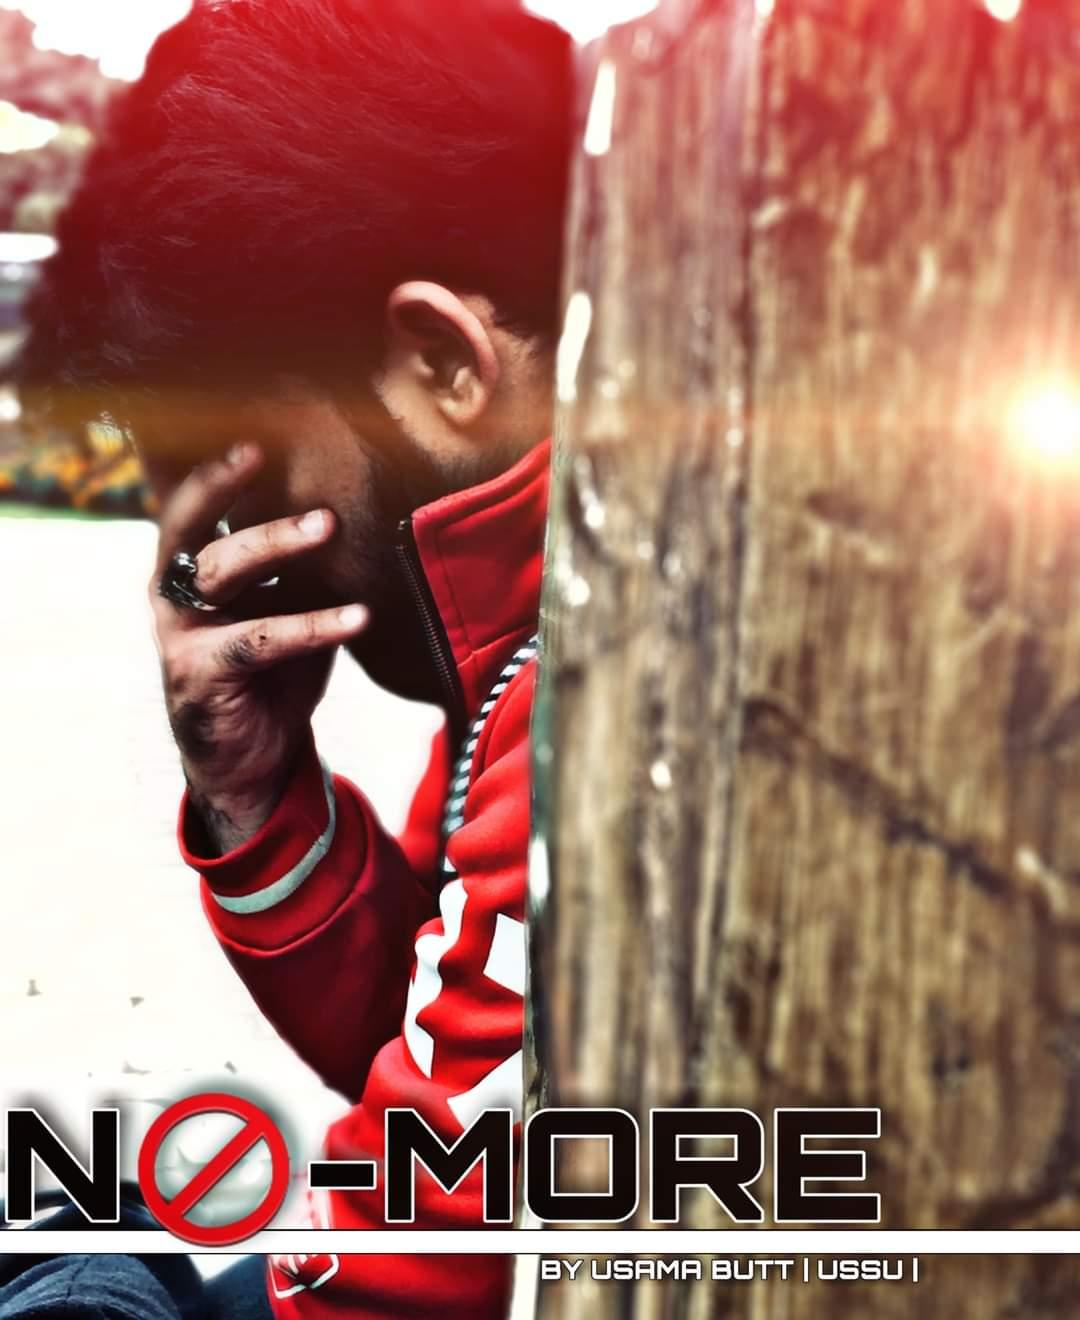 No More - Usama Butt